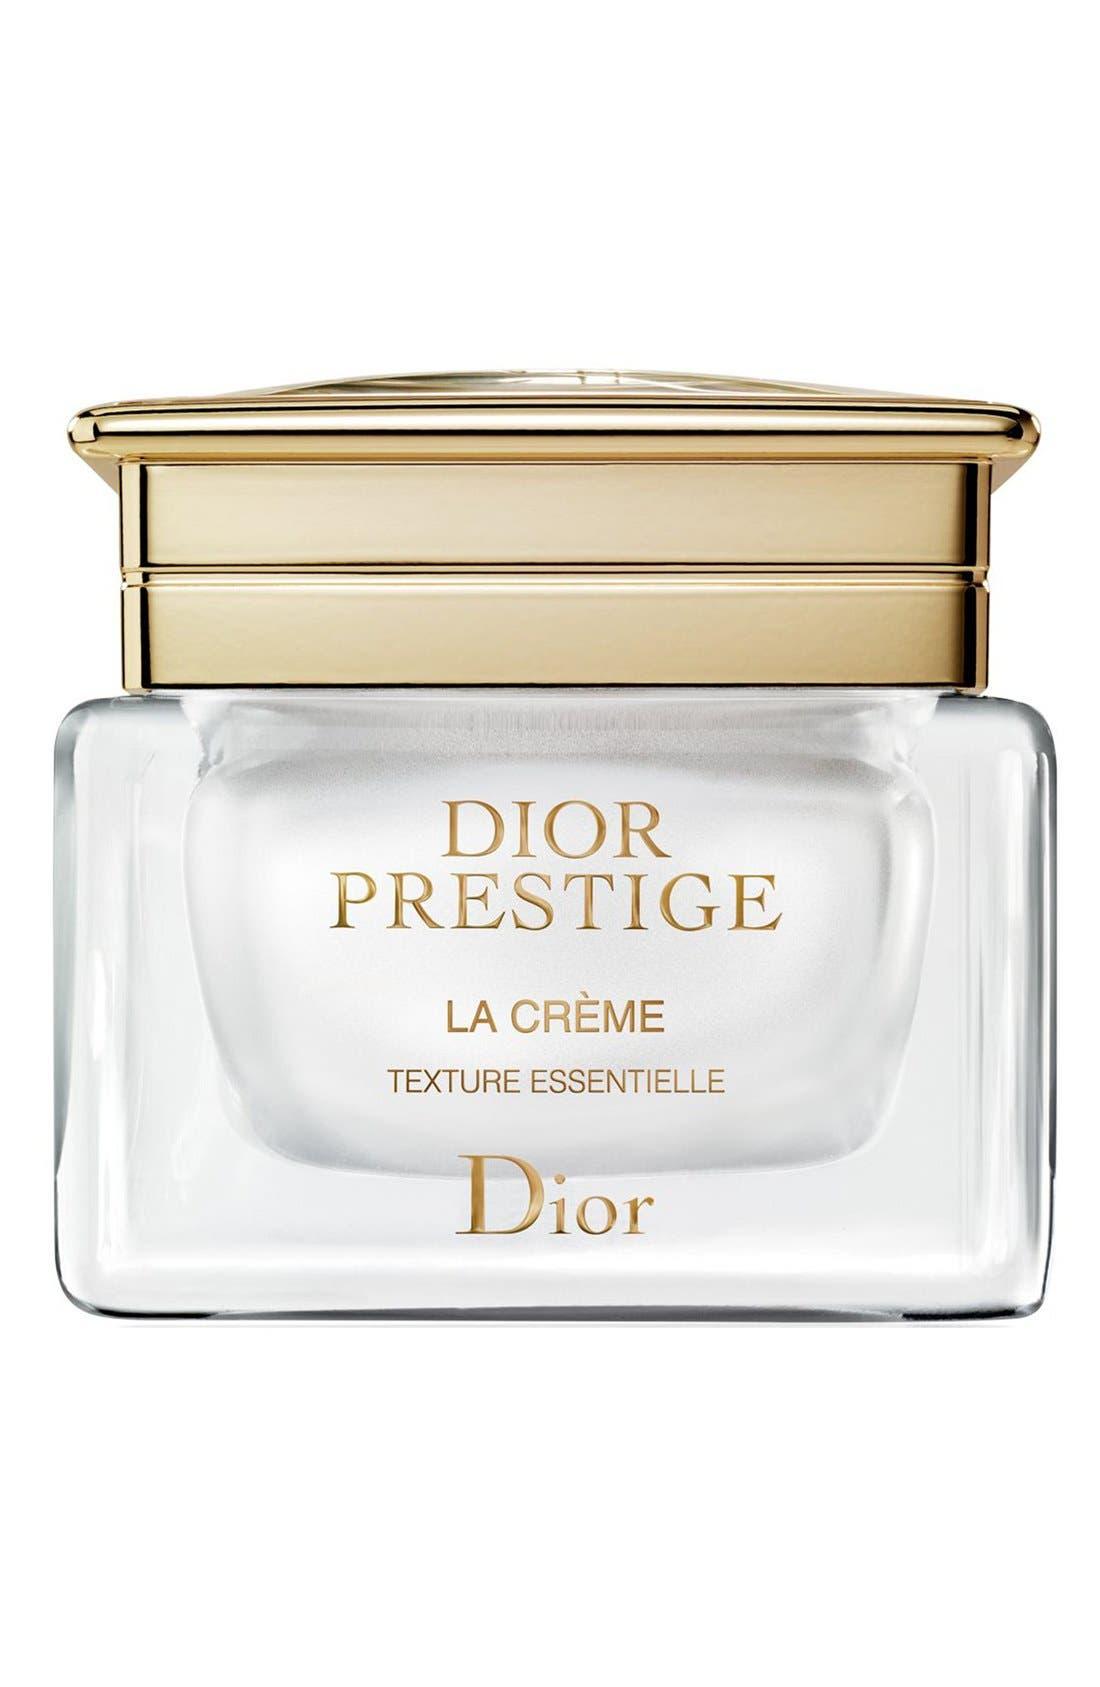 Dior 'Prestige' La Crème Texture Essentielle